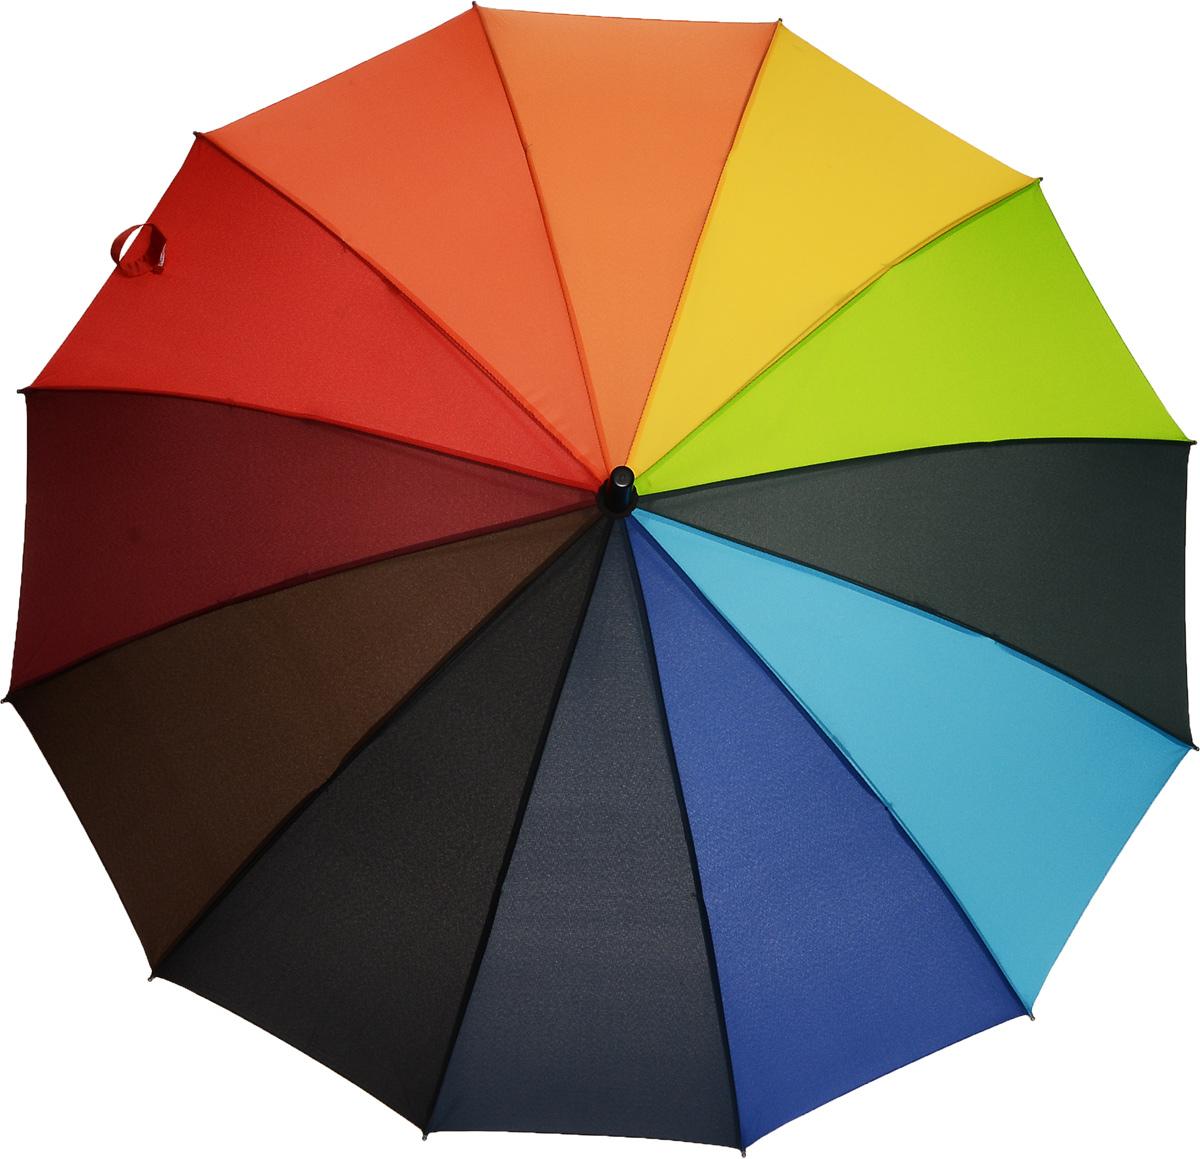 Зонт-трость женский Эврика Радуга, цвет: мультицвет. 91050K50K503414_0010Яркий полуавтоматический зонт-трость порадует своим оригинальным принтом даже в ненастную погоду.Купол зонтавыполнен из полиэстера с водоотталкивающей пропиткой, каркас содержит 12 спиц и оснащен системой анти-ветер. Эргономичная рукоятка дополнена петлей для подвешивания.Практичный зонт Эврика выполнен для жизнерадостных и активных людей!